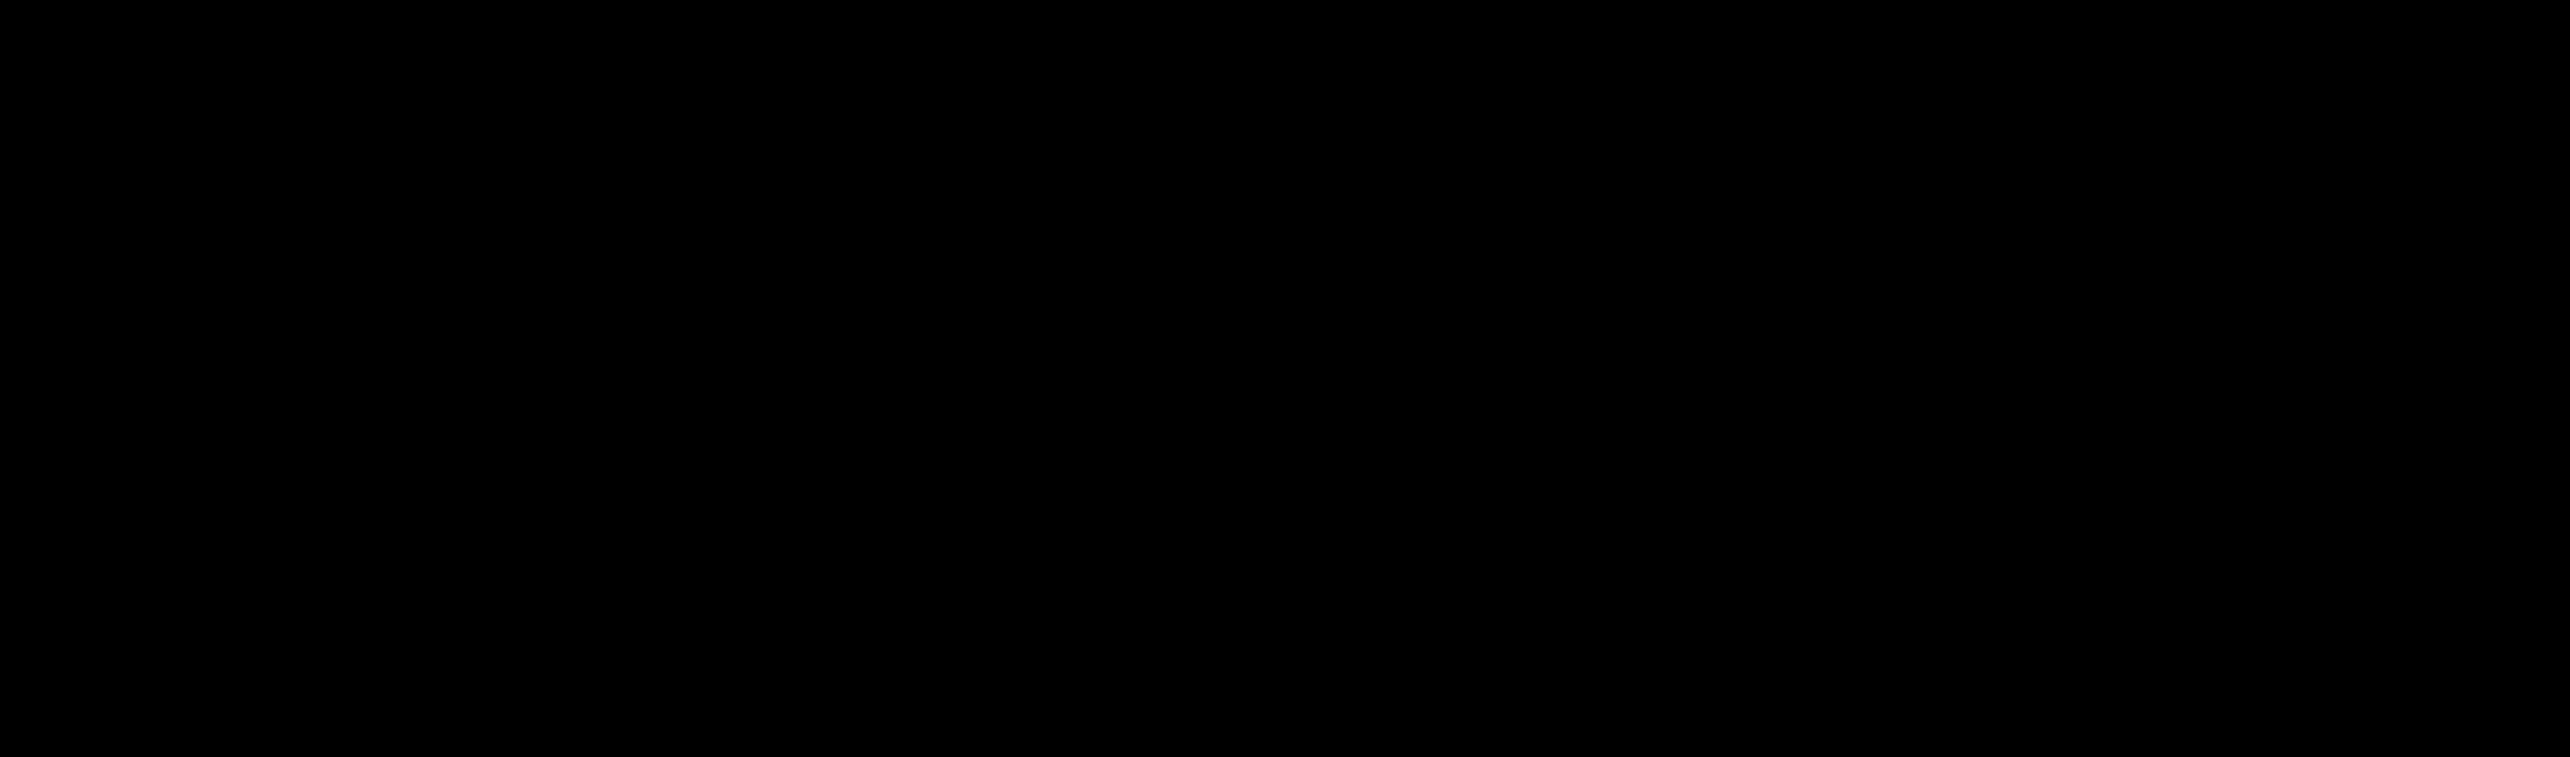 TrueCar Trade